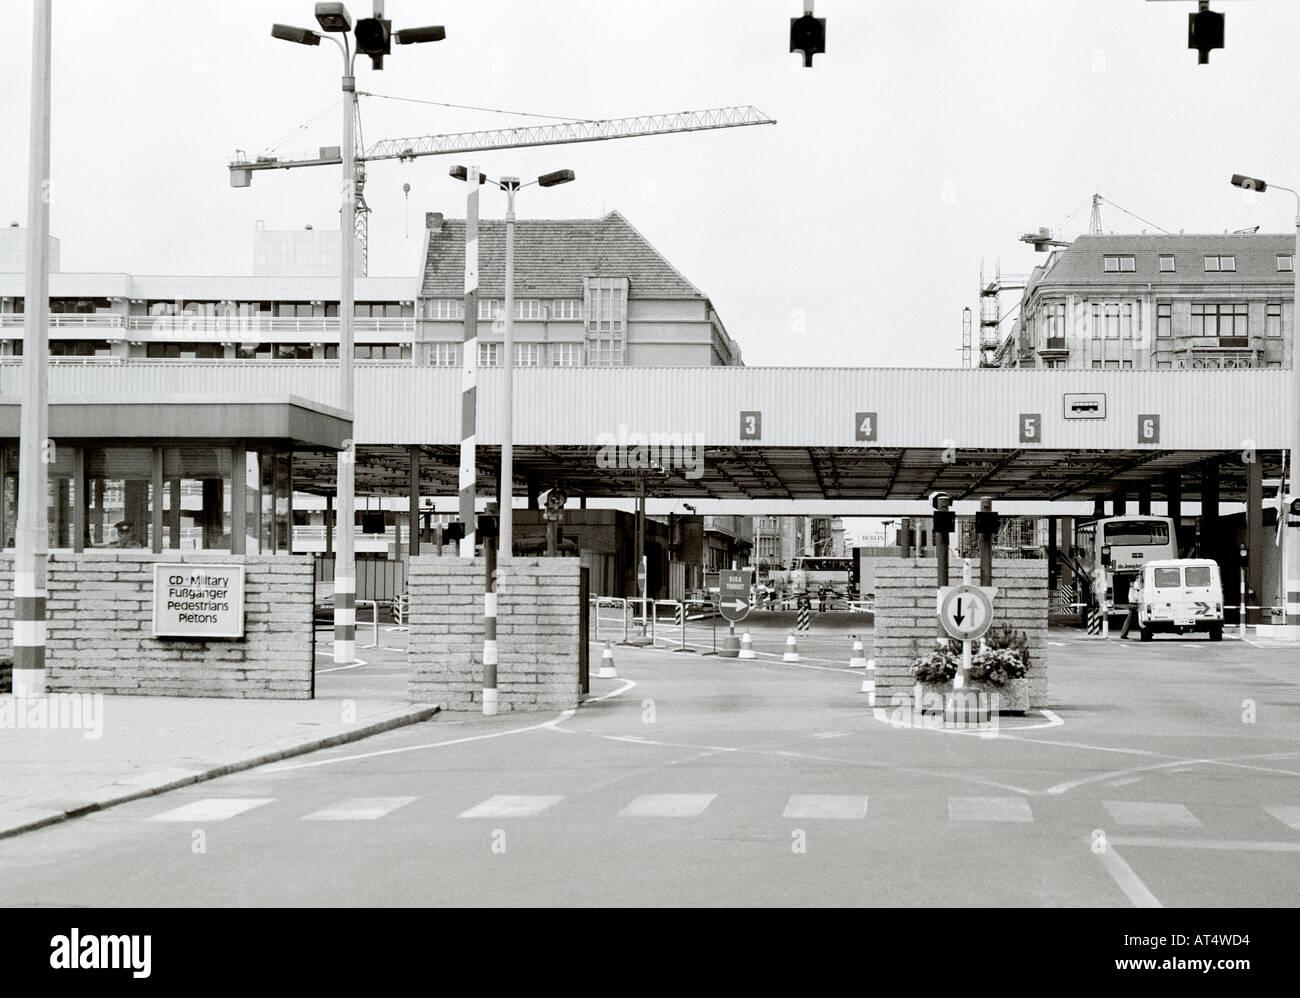 Checkpoint Charlie Sector americano durante la guerra fría en el oeste de Berlín, en Alemania, en Europa. Historia reportajes Cultura City Travel Imagen De Stock